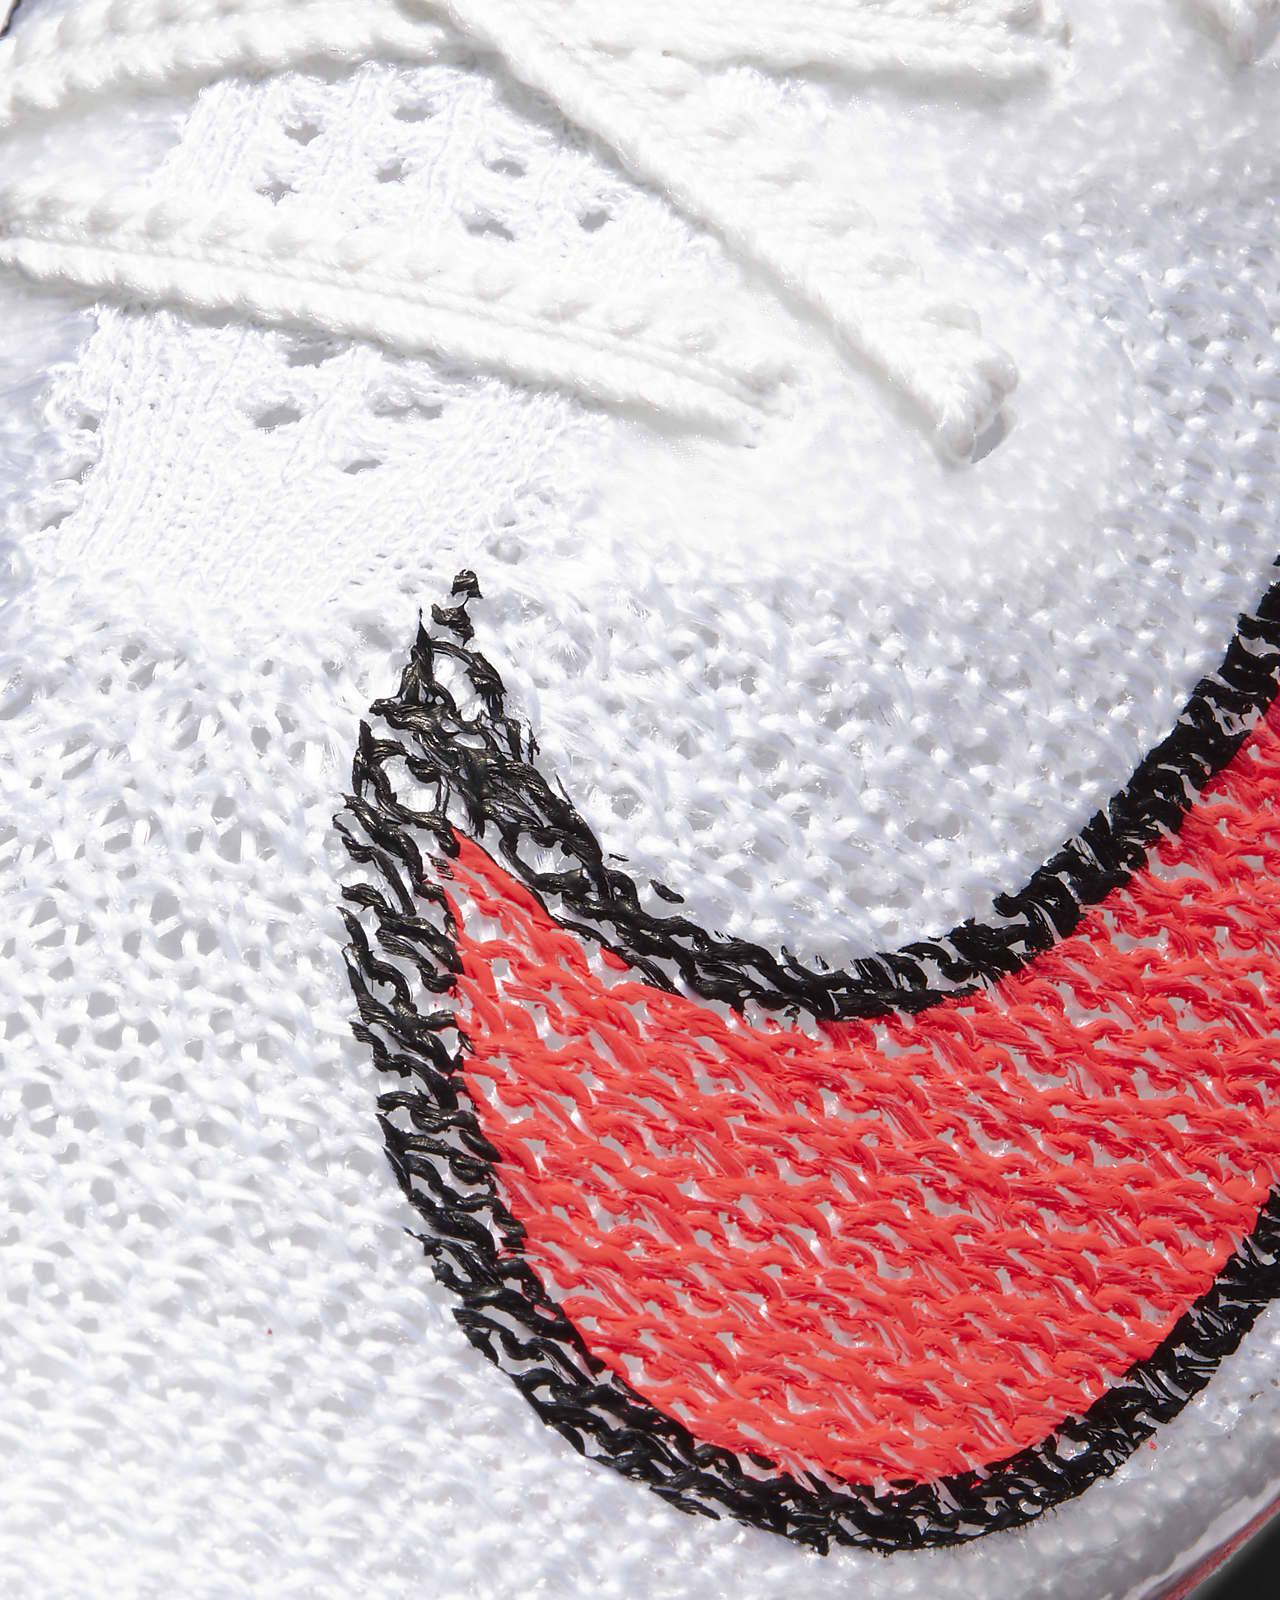 lechuga Químico Vibrar  Nike Zoom Superfly Elite 2 Zapatillas con clavos de competición. Nike ES